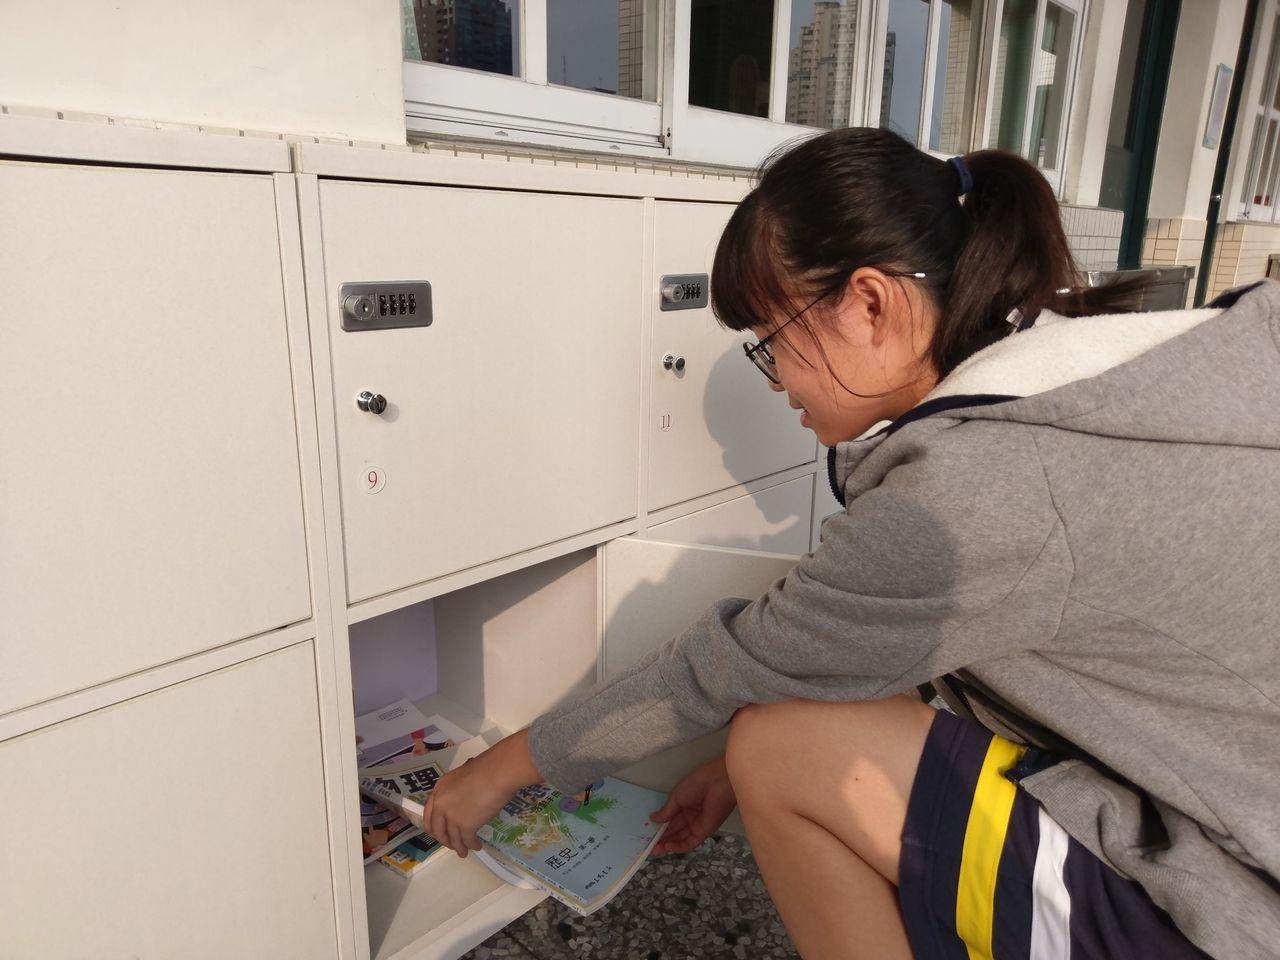 108課綱學生跑班上課,也怕私人物品不見,忠明高中每一班學生都有專屬製物櫃,「一...